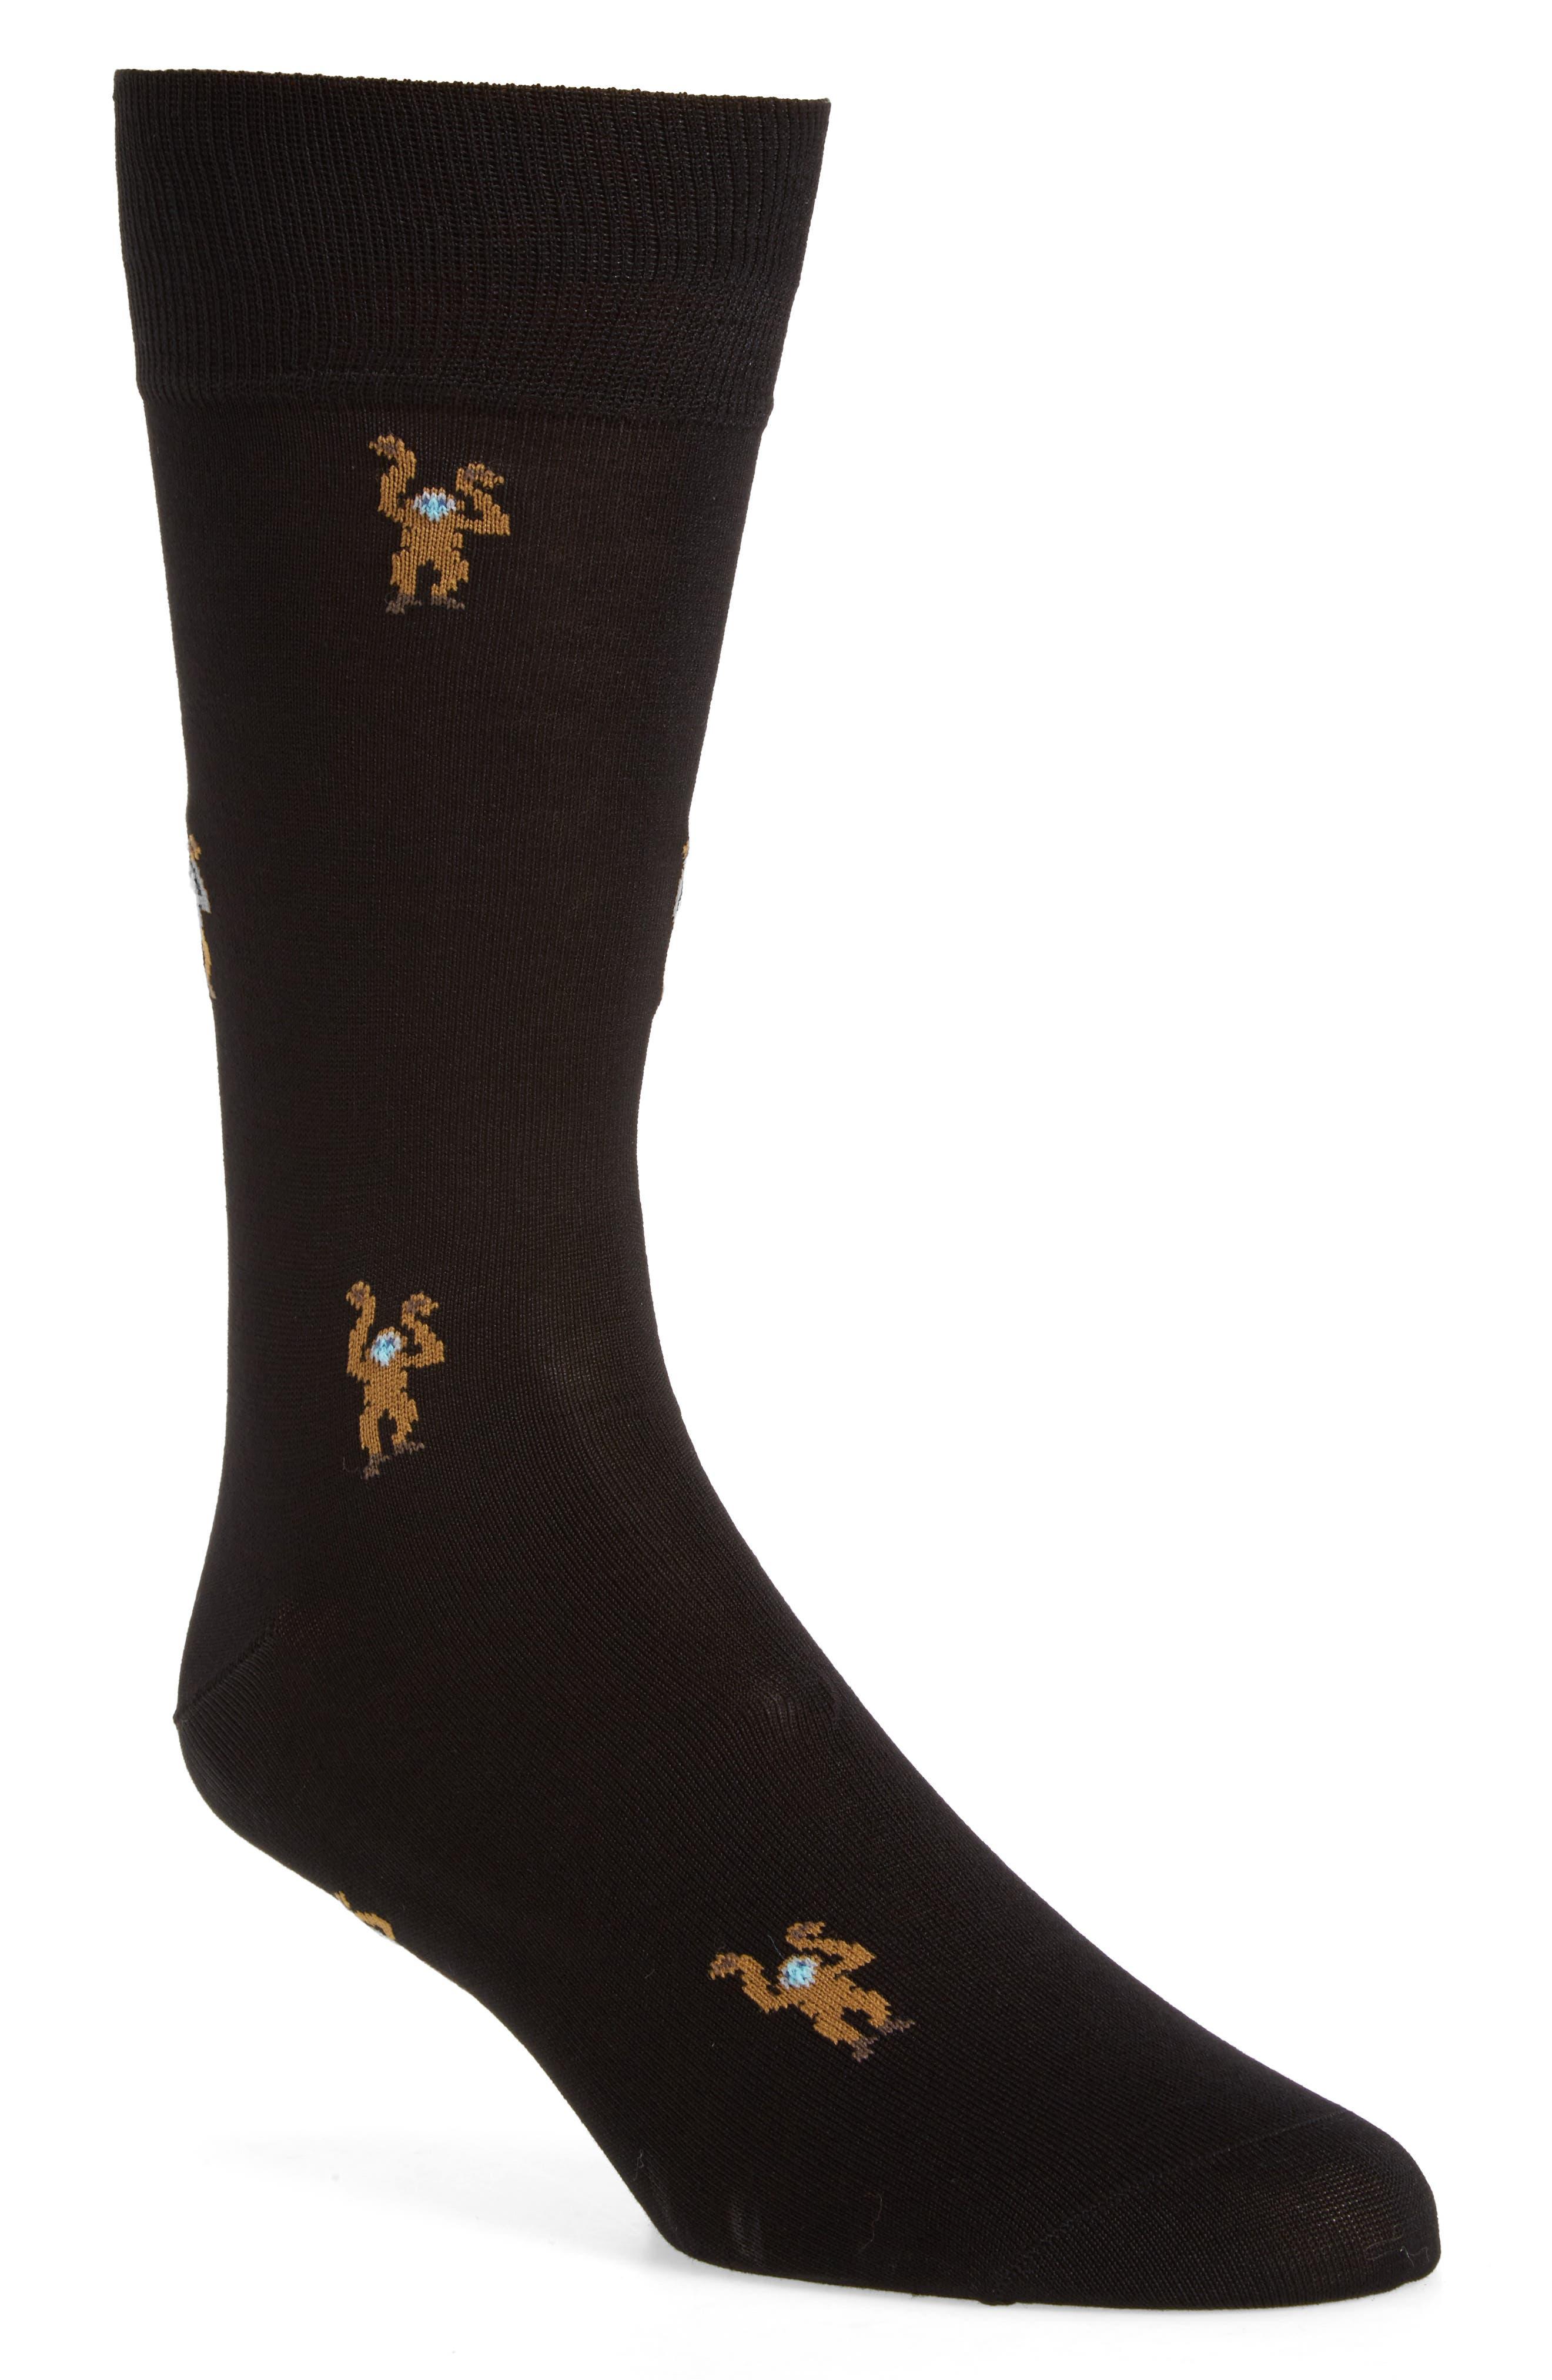 Monkey Socks,                             Main thumbnail 1, color,                             001